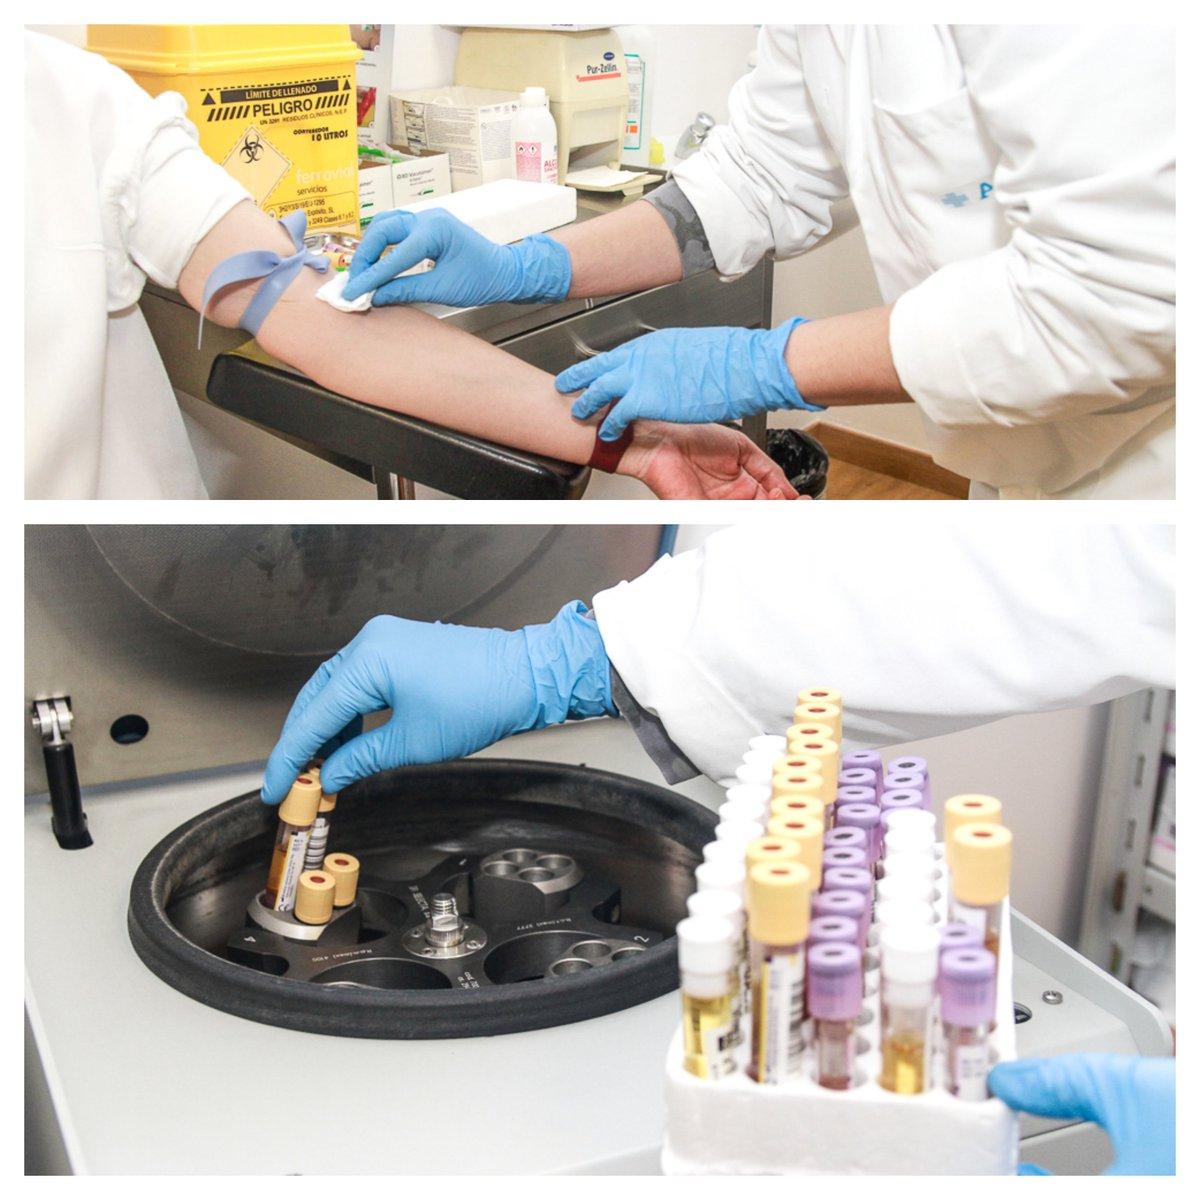 test Twitter Media - Hoy, en nuestro post sobre #LaPrevencionReal: Las extracciones de sangre y preparación de muestras para laboratorio son acciones habituales en nuestros centros y de especial relevancia para la #detección de posibles problemas de salud. #28PRL #ASPY28Abril https://t.co/ZqBKcKWOHC